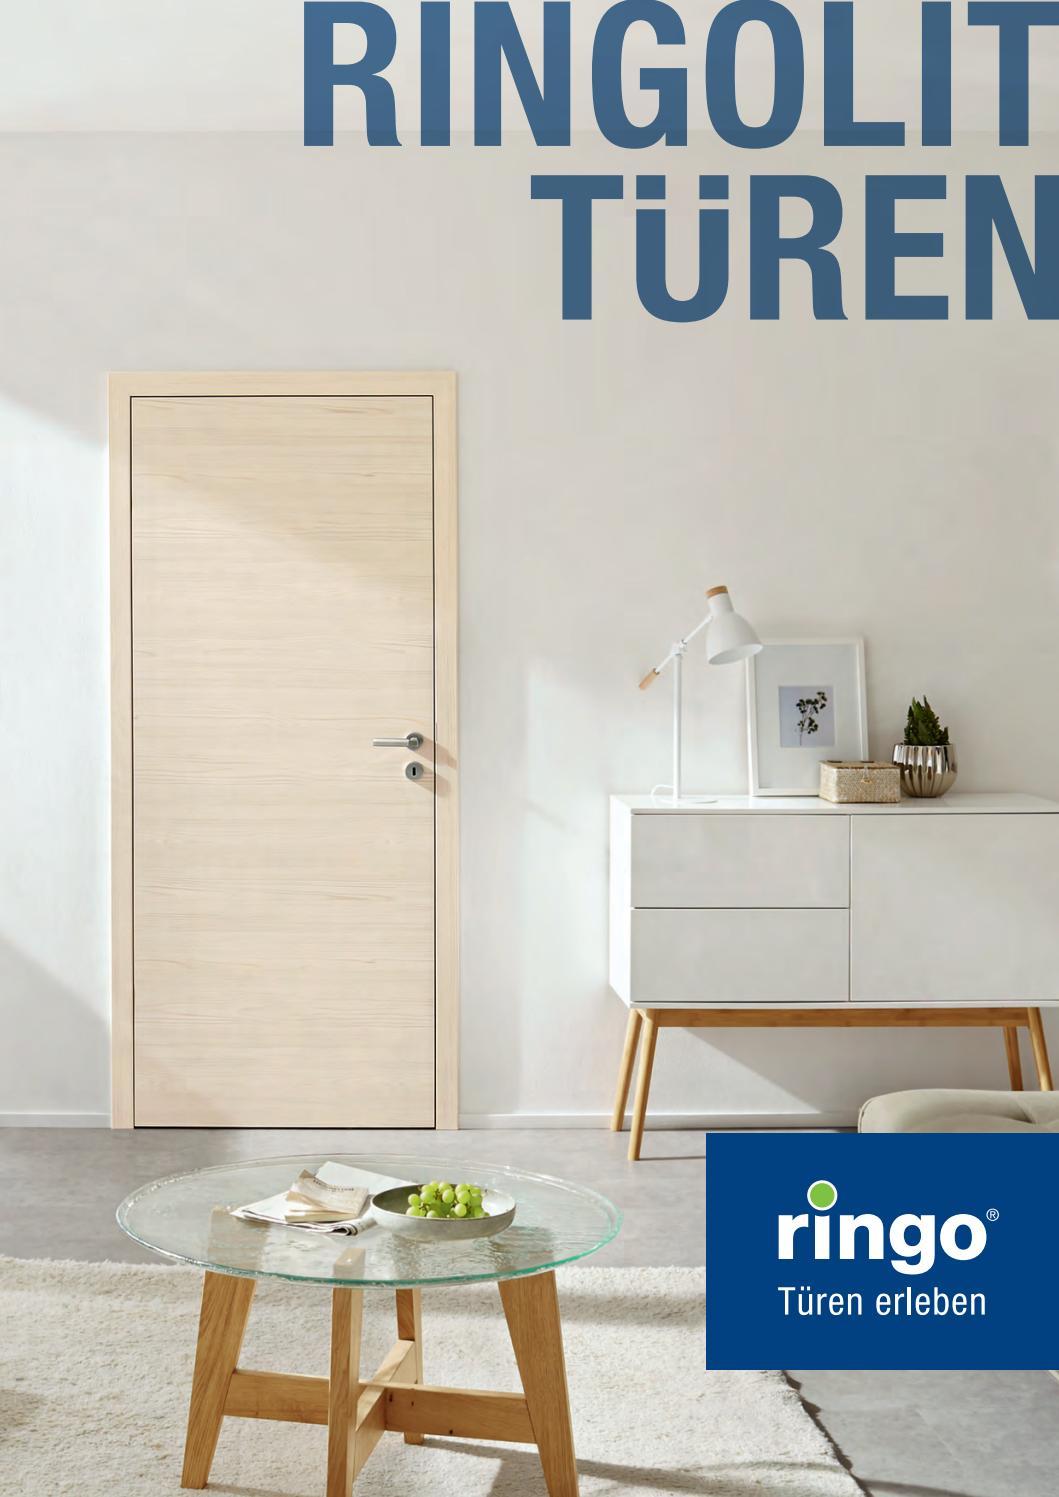 Ringo ringolit by Kaiser Design - issuu